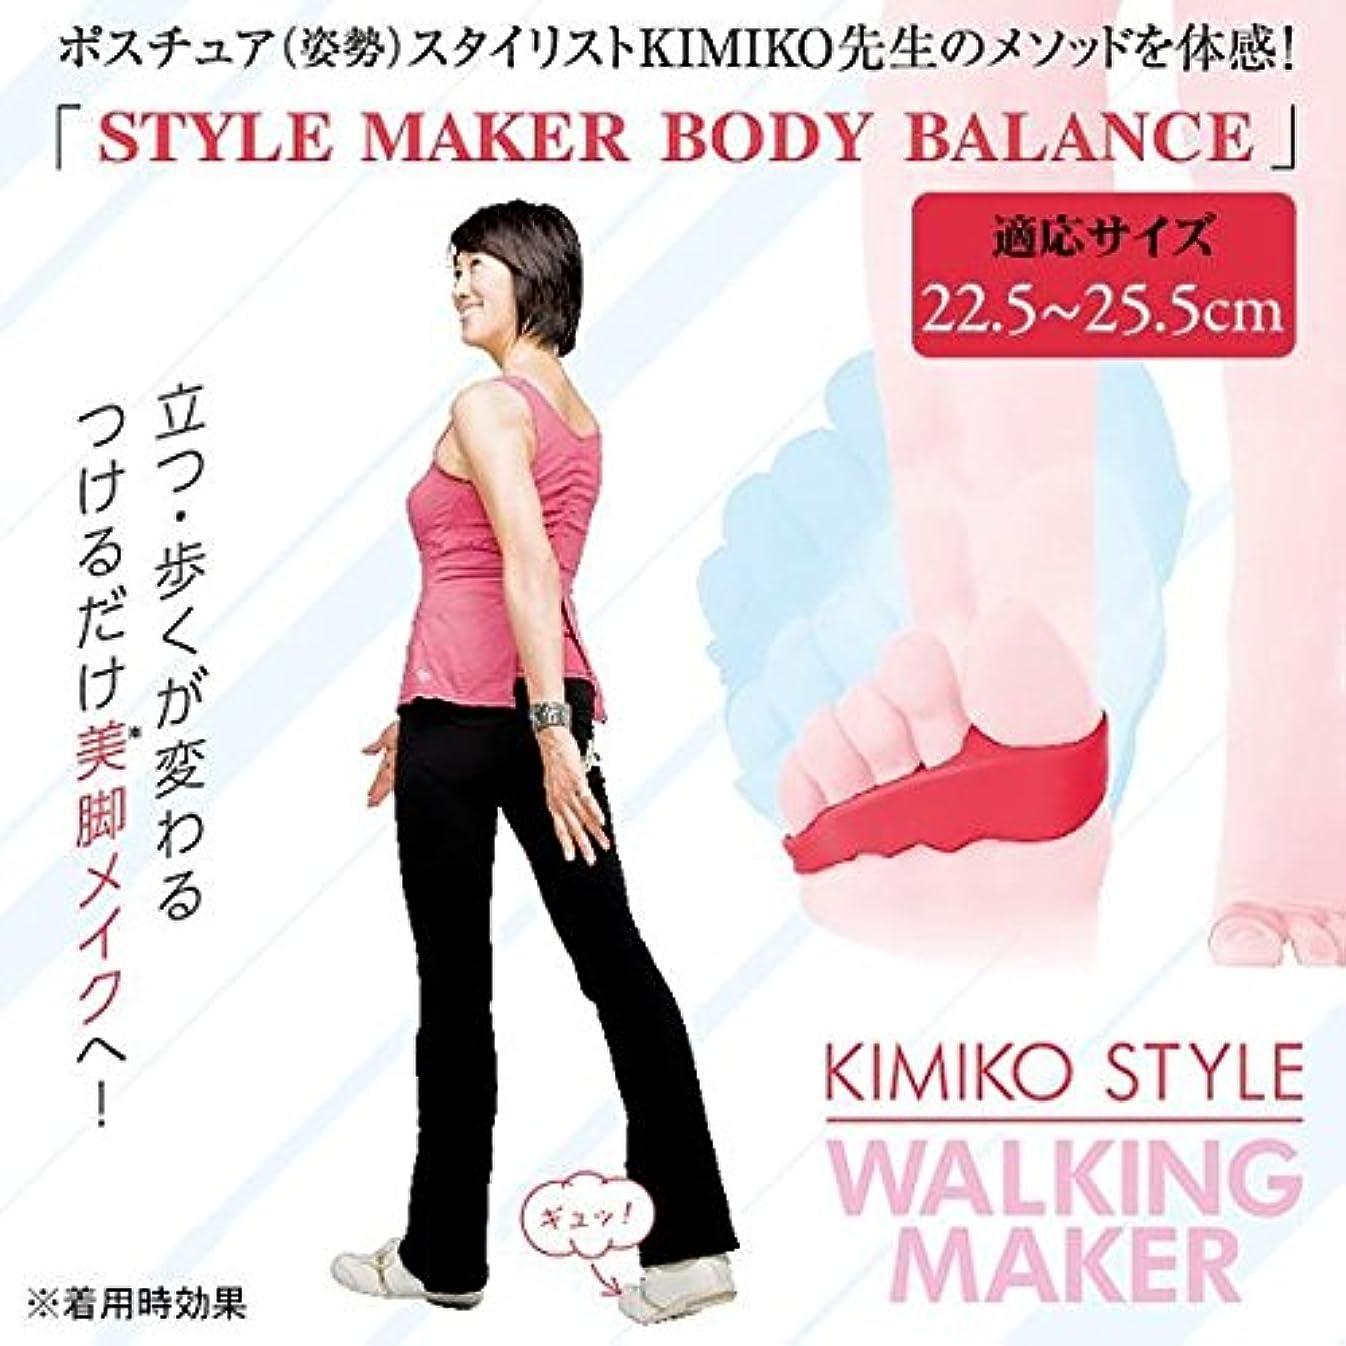 天のスリラー基本的なKIMIKO STYLE(キミコスタイル) WALKING MAKER(ウォーキングメーカー) 1足入